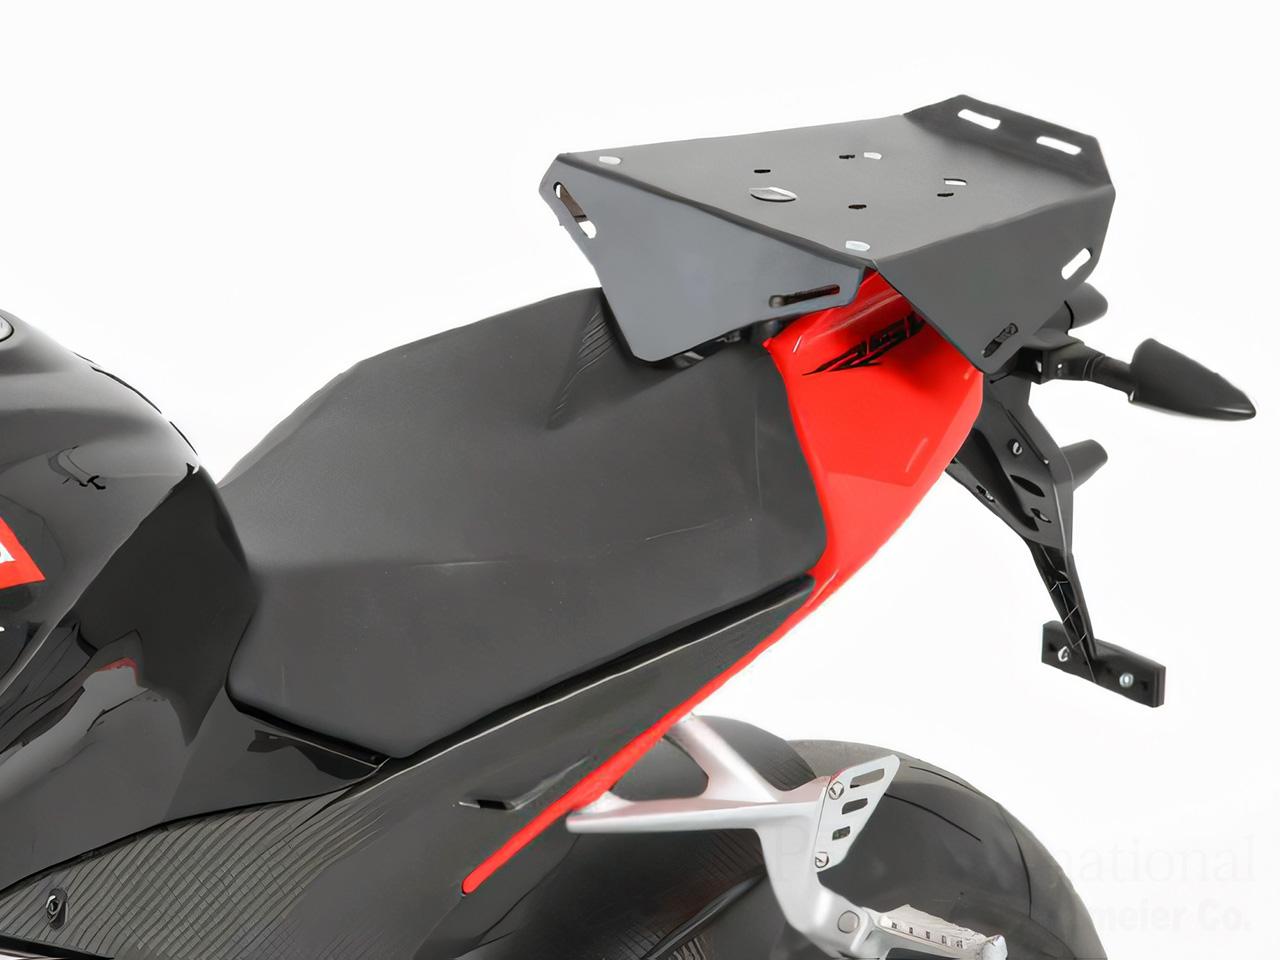 ヘプコ&ベッカー 正規品 タンデムシート置換型リアラック「Speedrack EVO」 aprilia RSV4 ('11-)